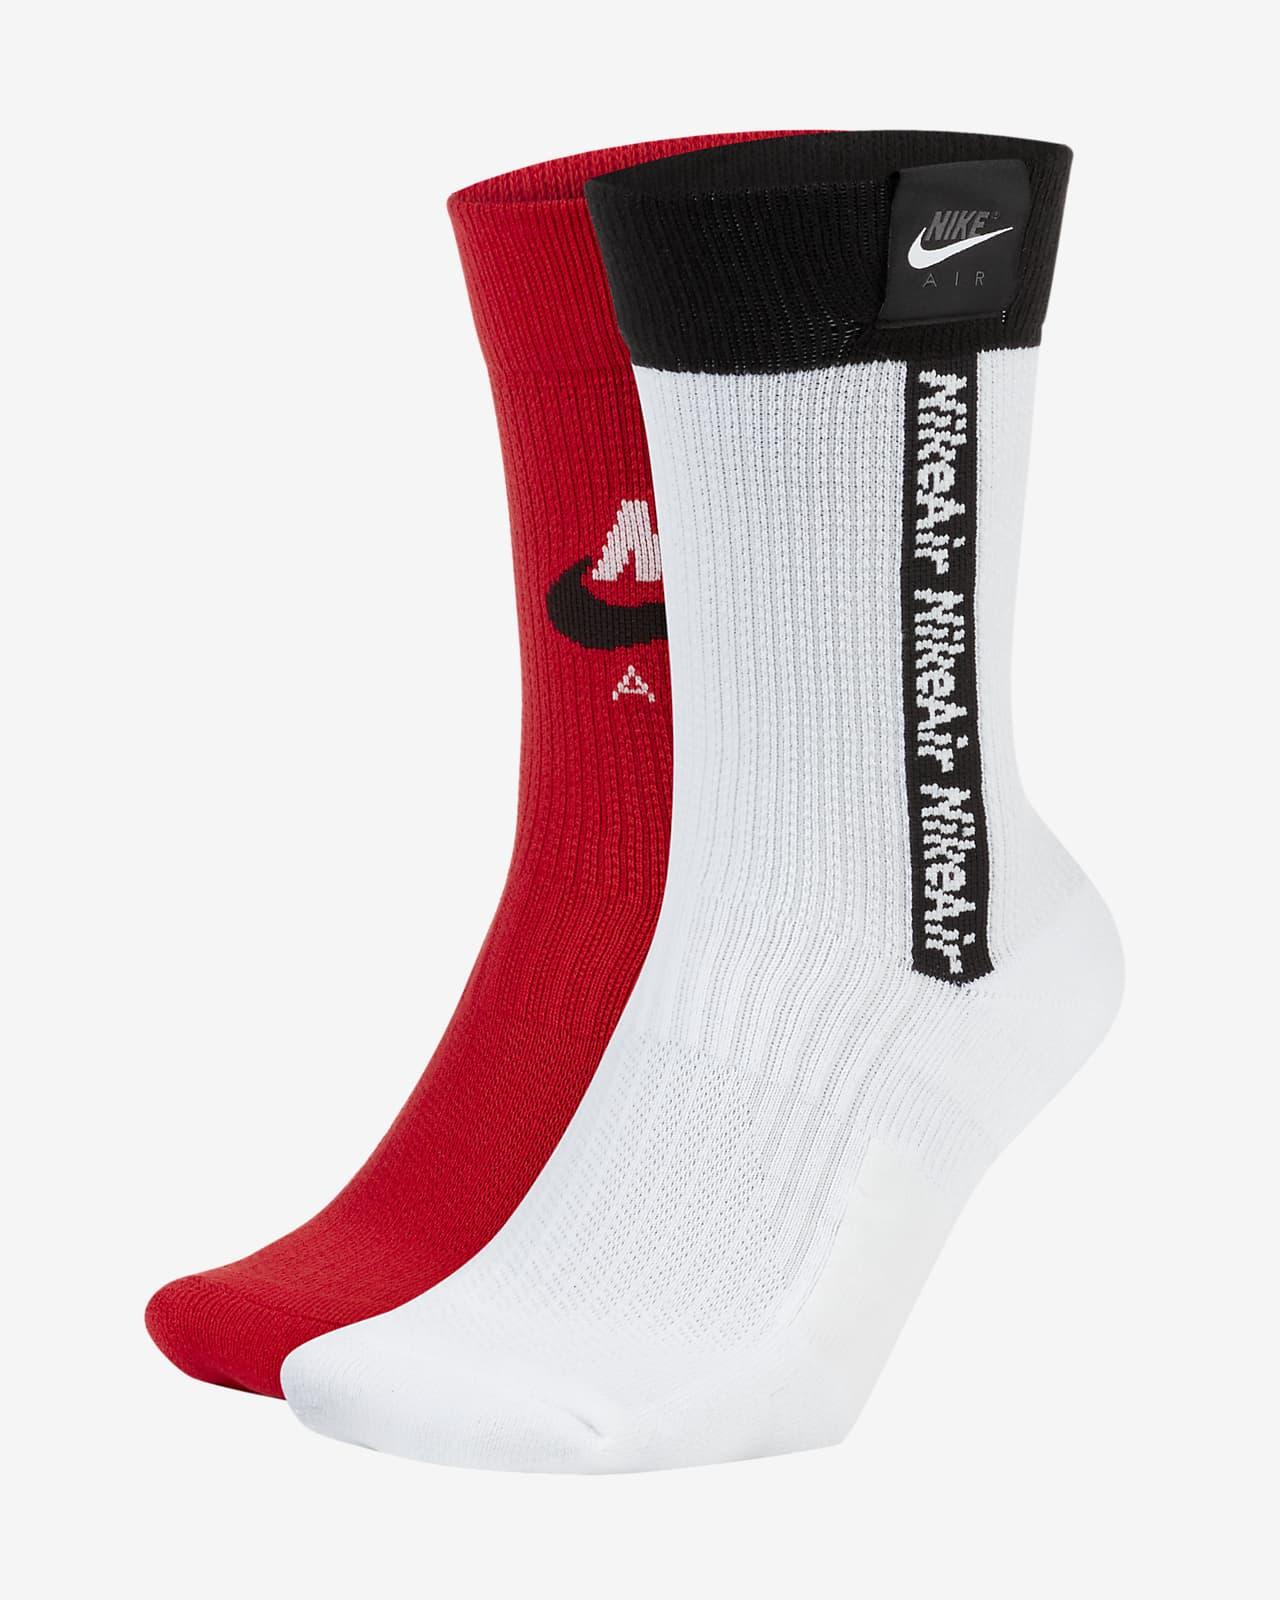 Chaussettes mi-mollet Nike Air SNEAKR SOX (2 paires)